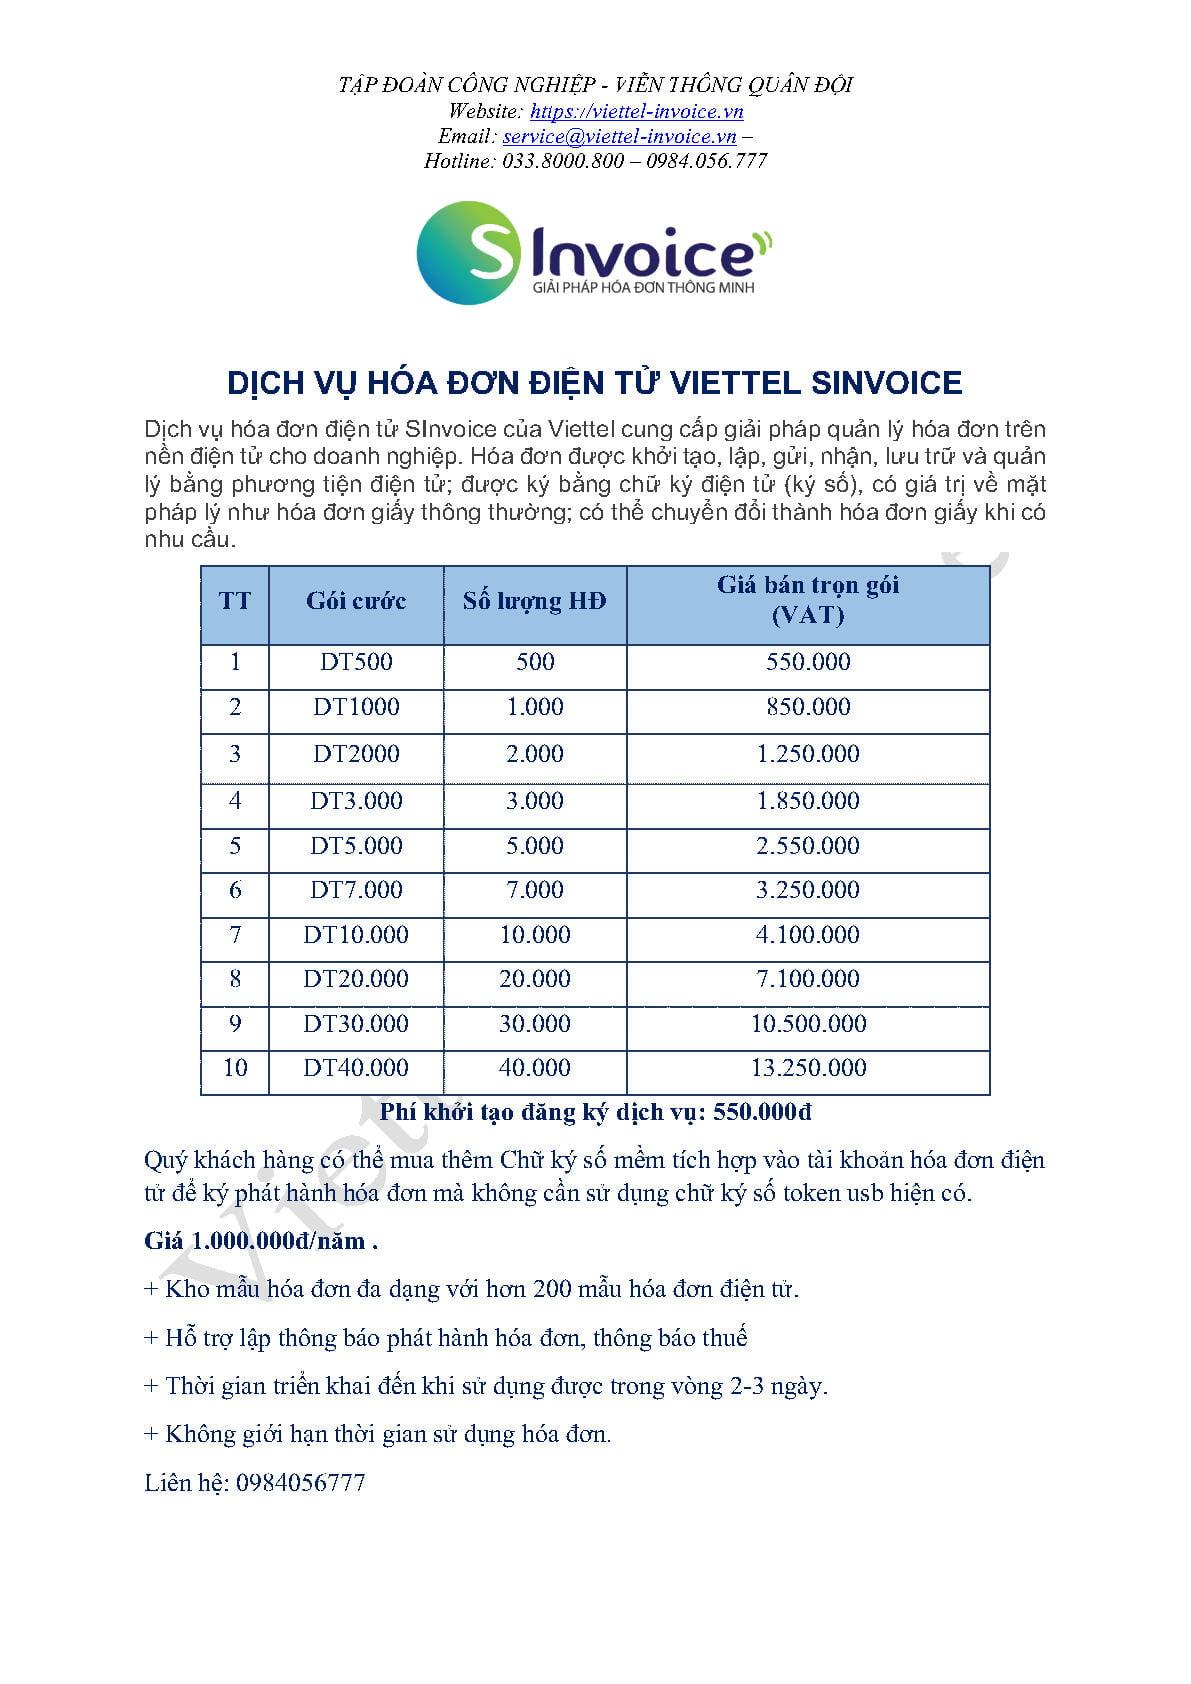 báo giá hóa đơn điện tử